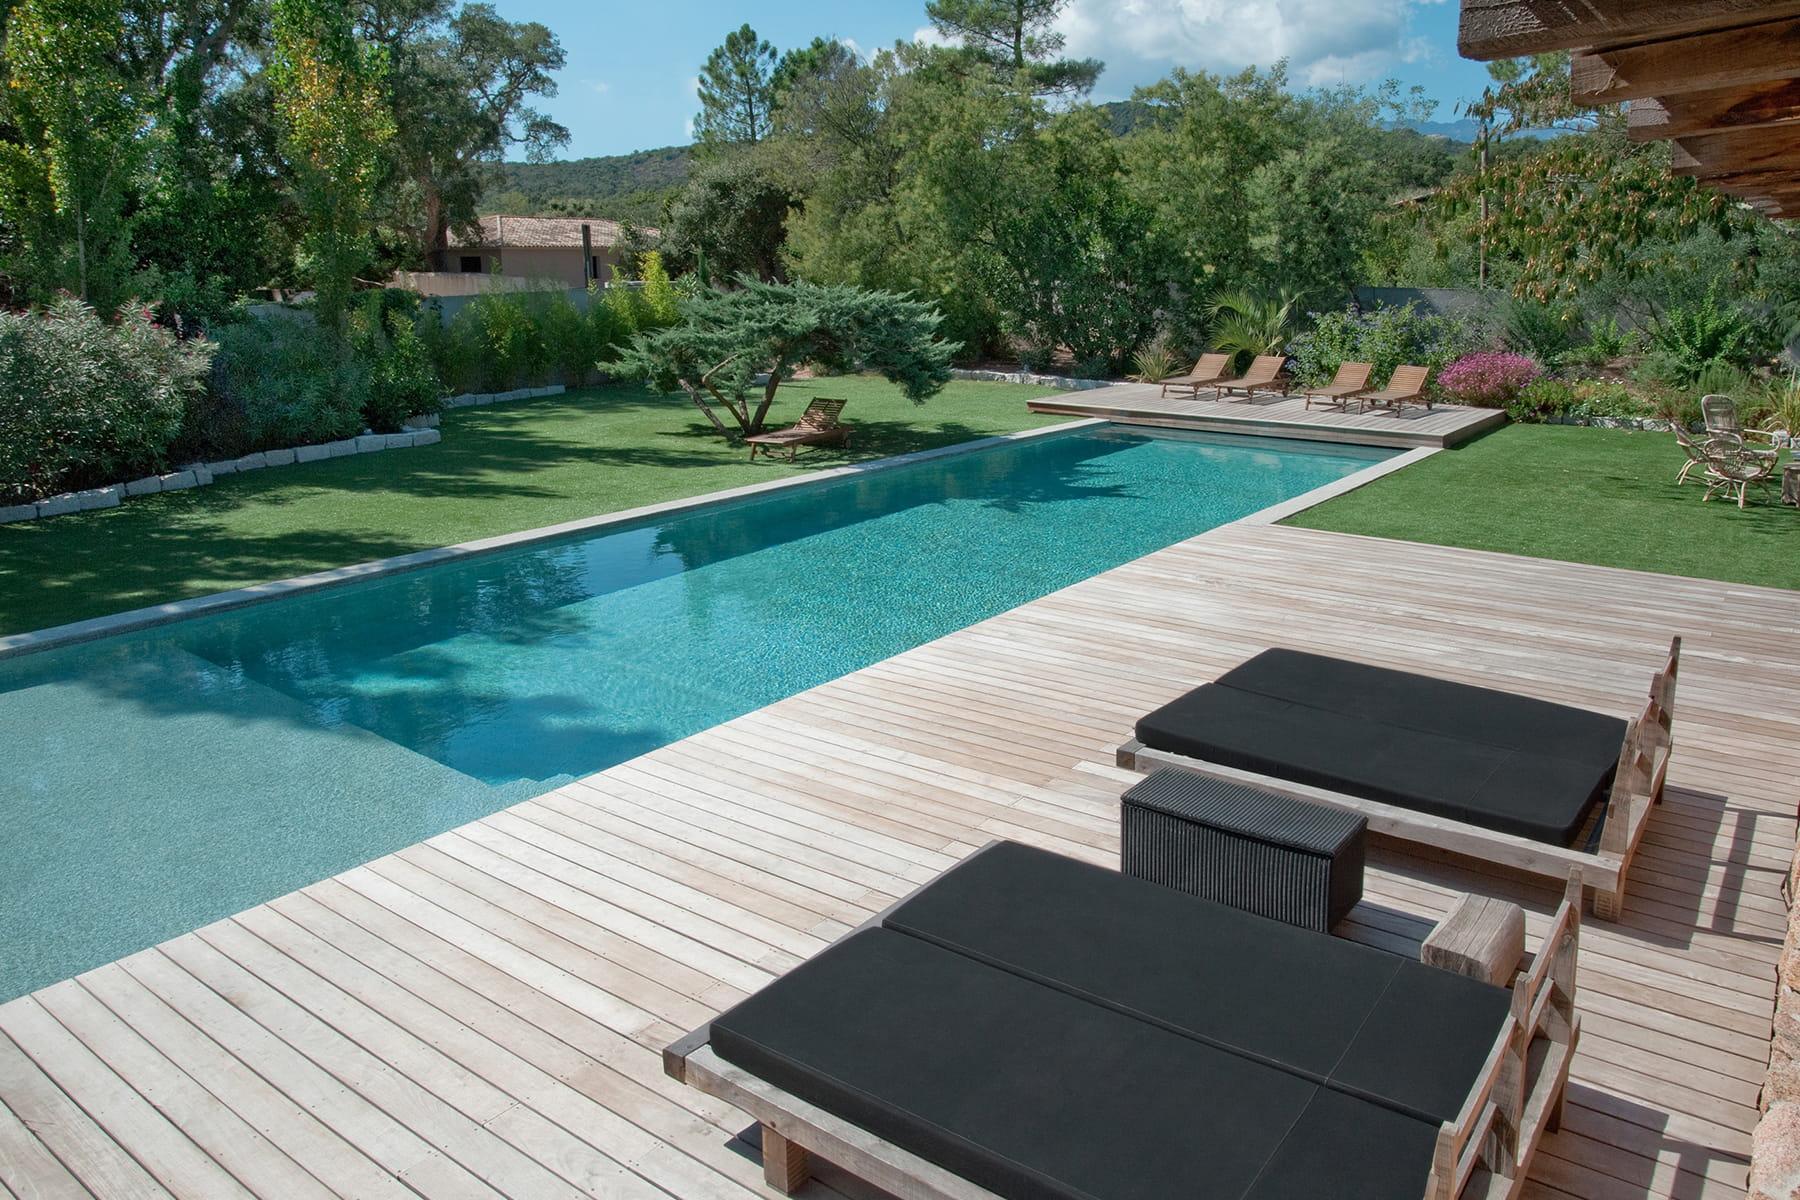 Un nettoyage automatique du bassin for Nettoyage piscine verte